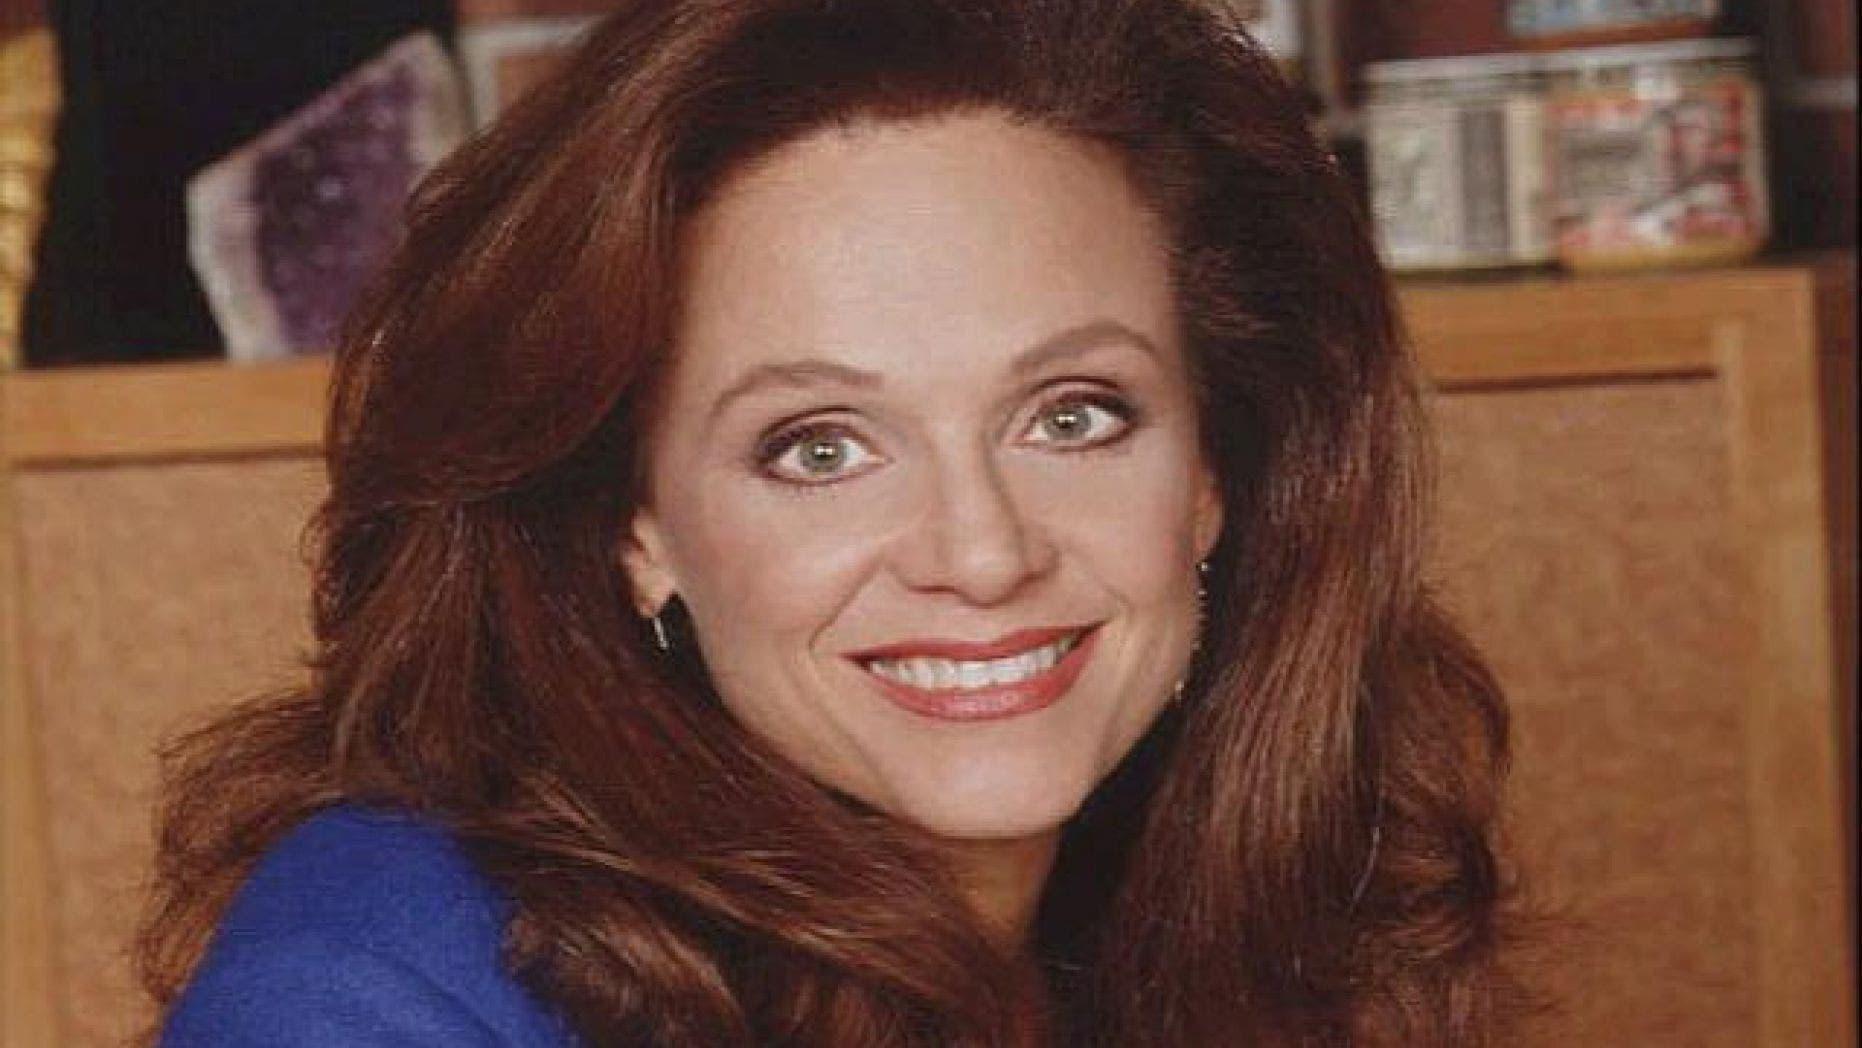 فاليري هاربر في صورة تعود لعام 1994